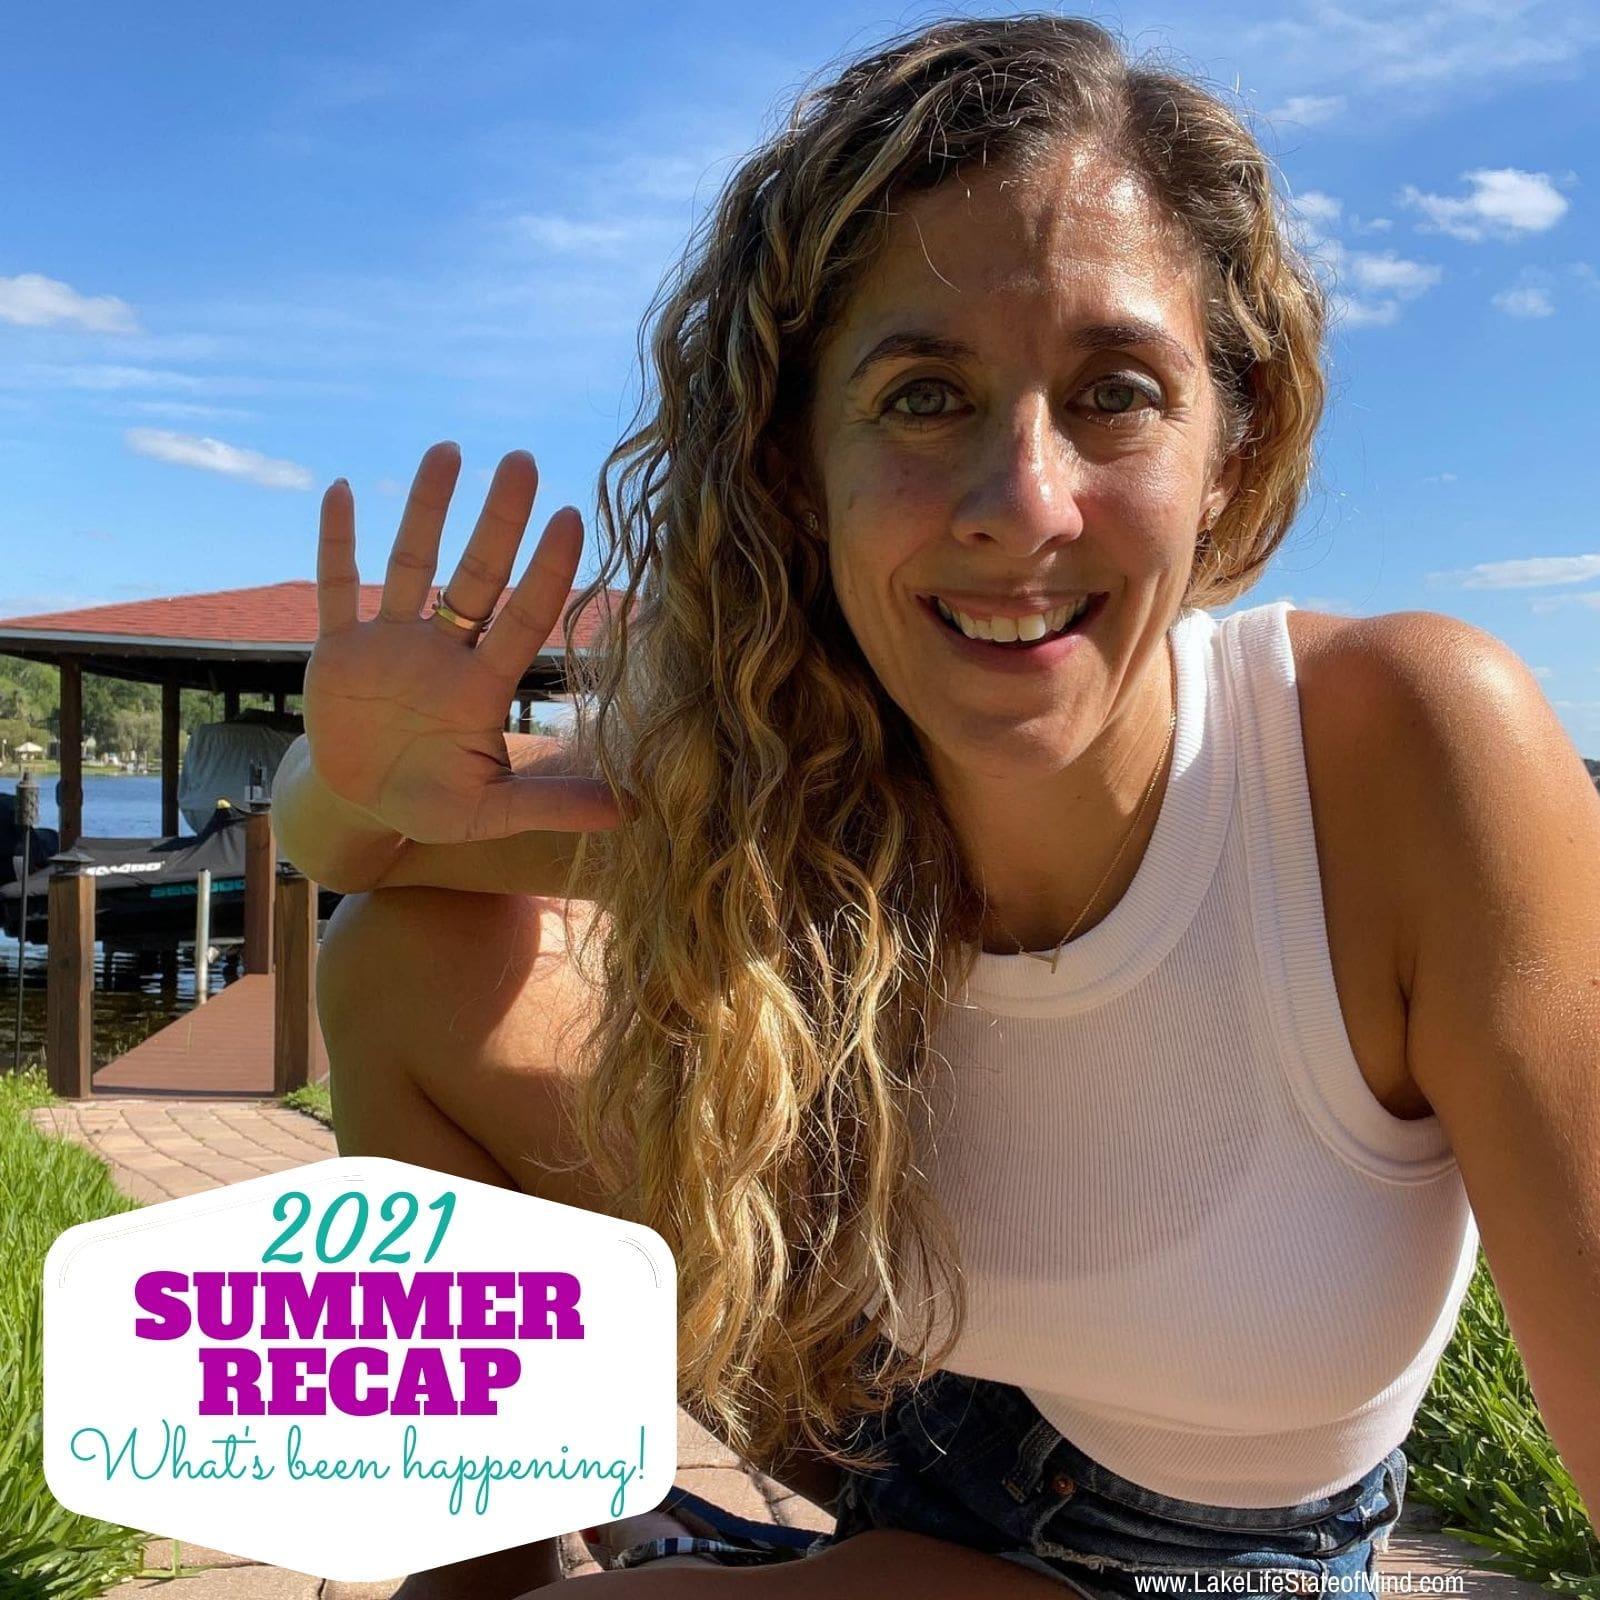 2021 Summer Recap